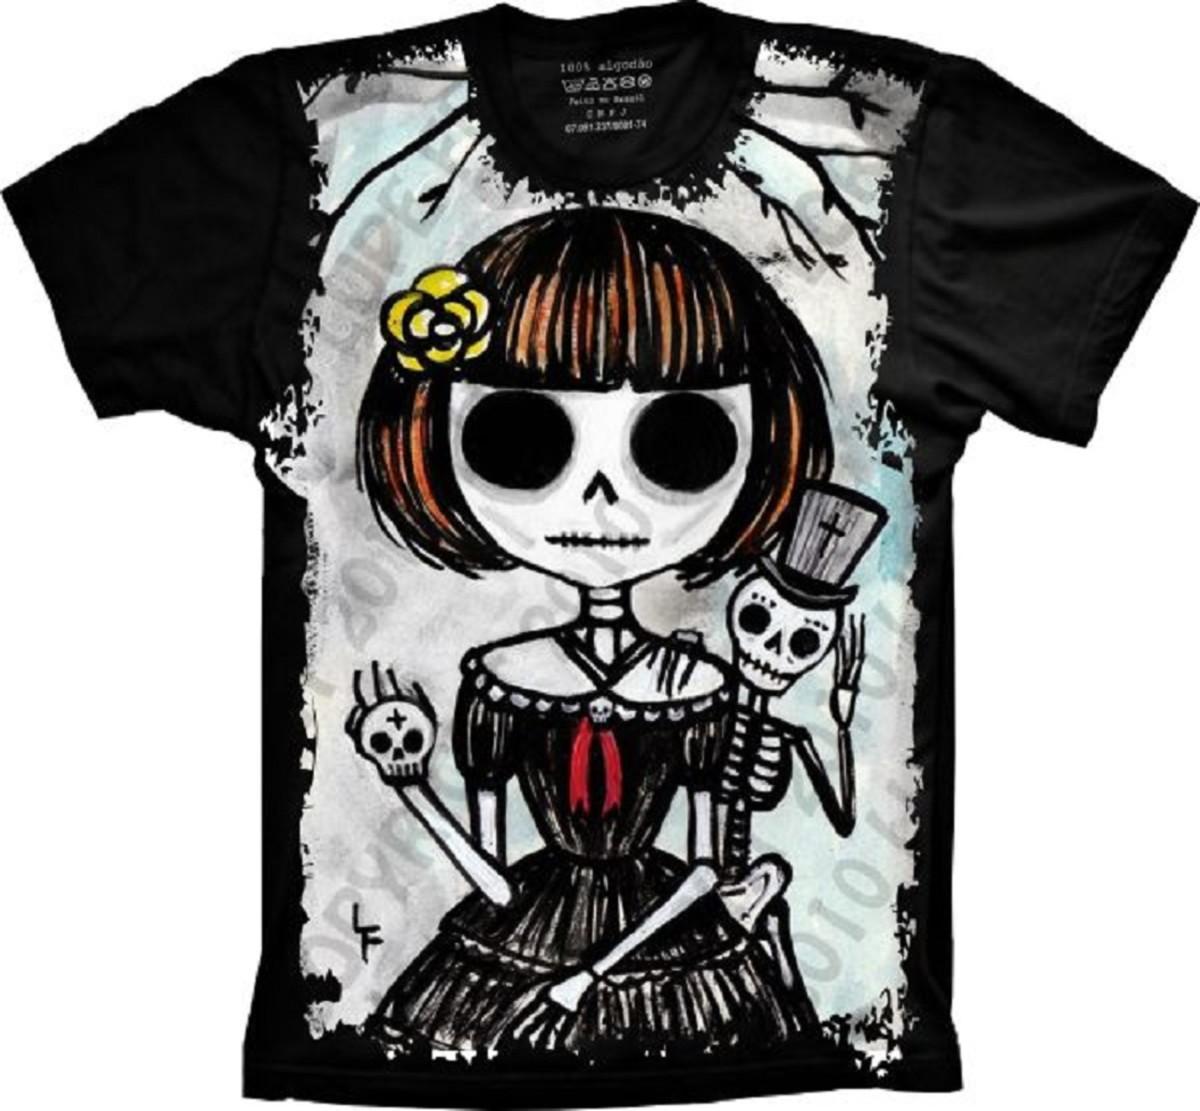 Camiseta Skull Caveira Desenho No Elo7 Camisetas 4fun E8cb39